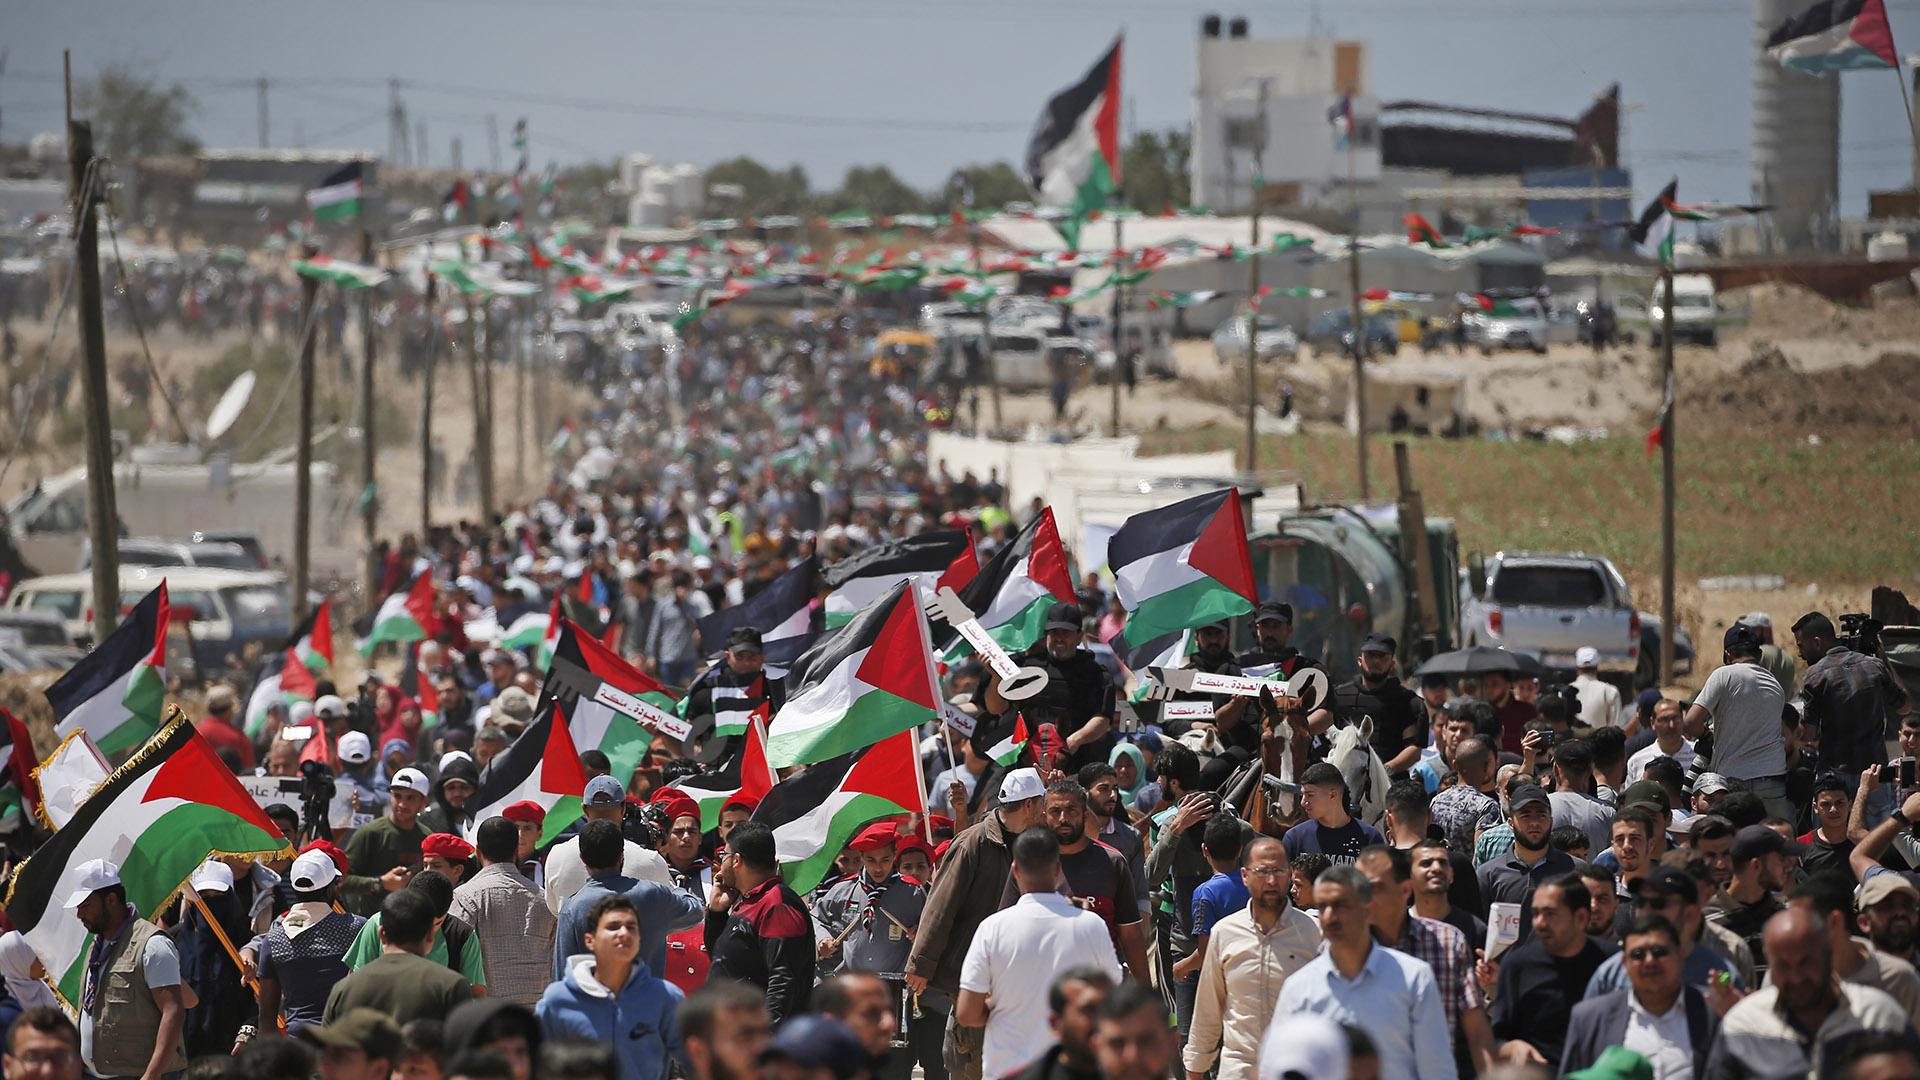 Manifestantes palestinos se reúnen al este de la ciudad de Gaza en la Franja de Gaza el 15 de mayo de 2019, durante una protesta por el 71º aniversario de la Nakba, también conocido como el Día de la Catástrofe en 1948. ( MAHMUD HAMS / AFP)